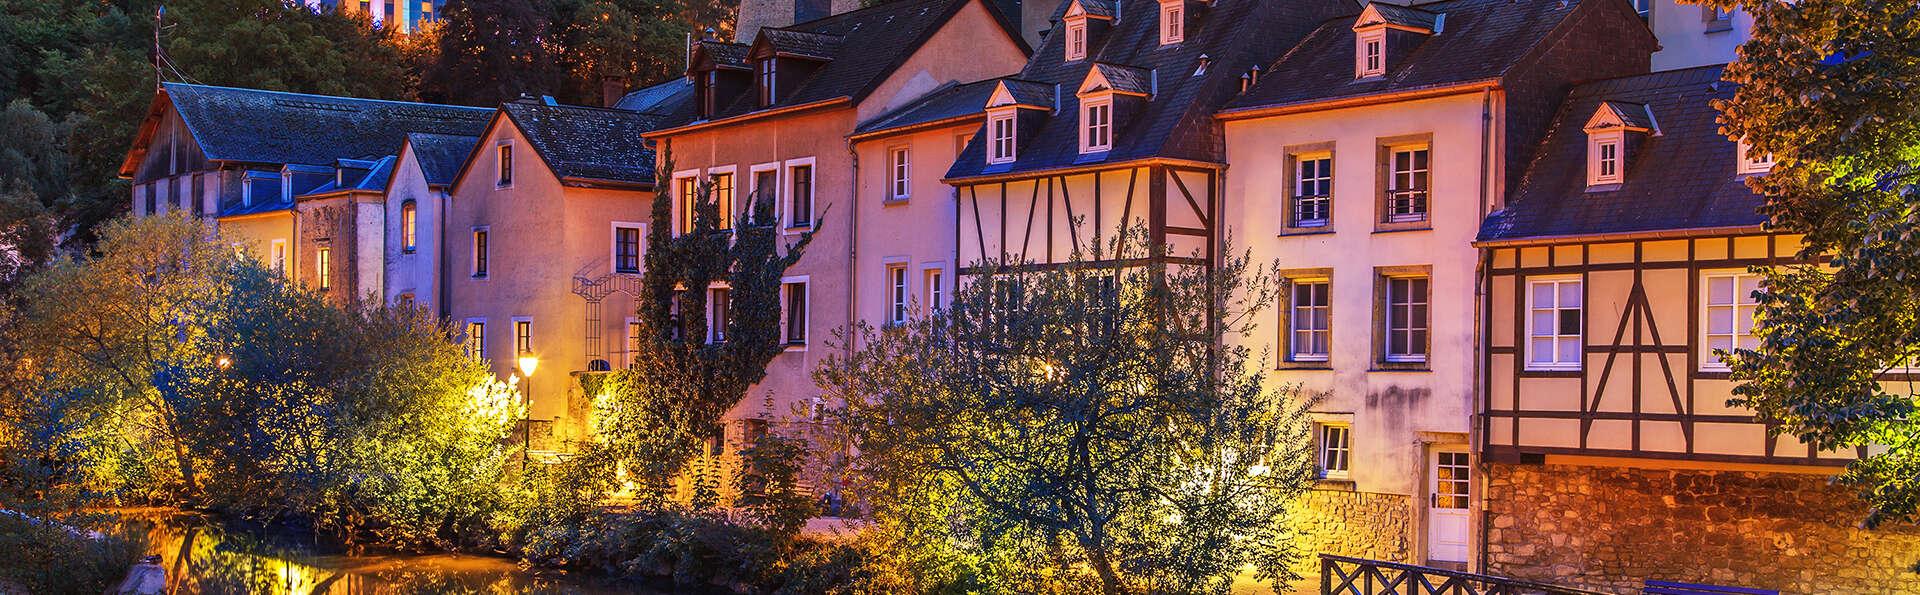 Escapade de luxe à Luxembourg-ville